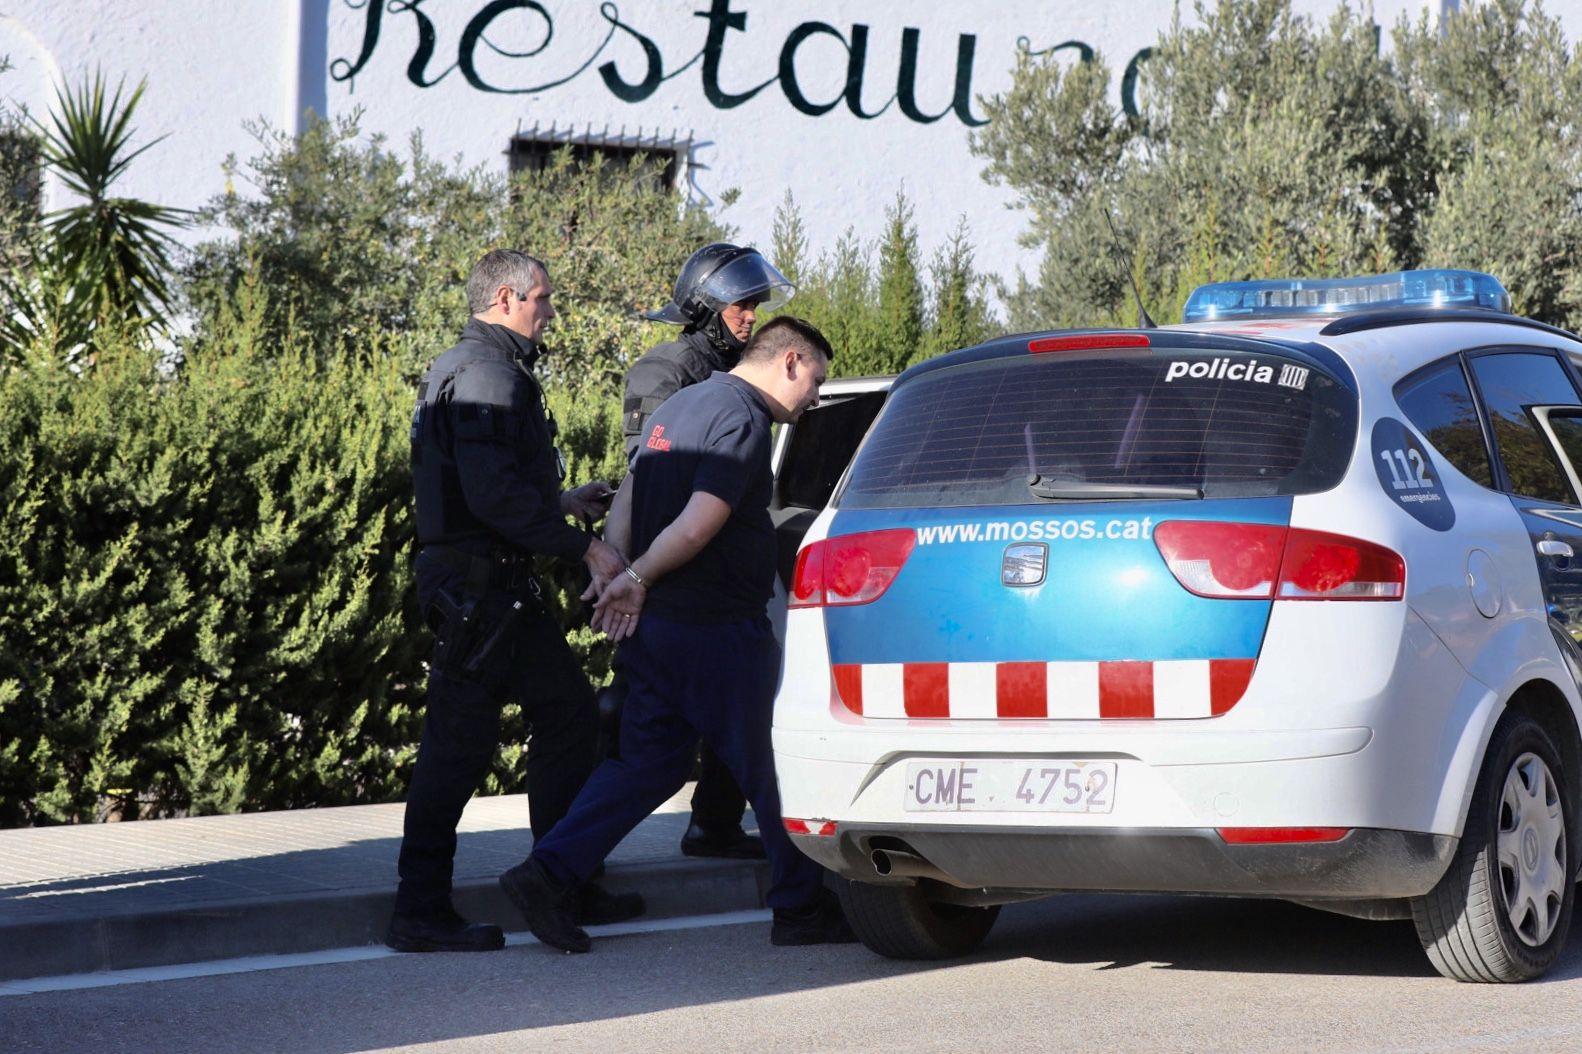 Mossos d'emporten el camioner detingut